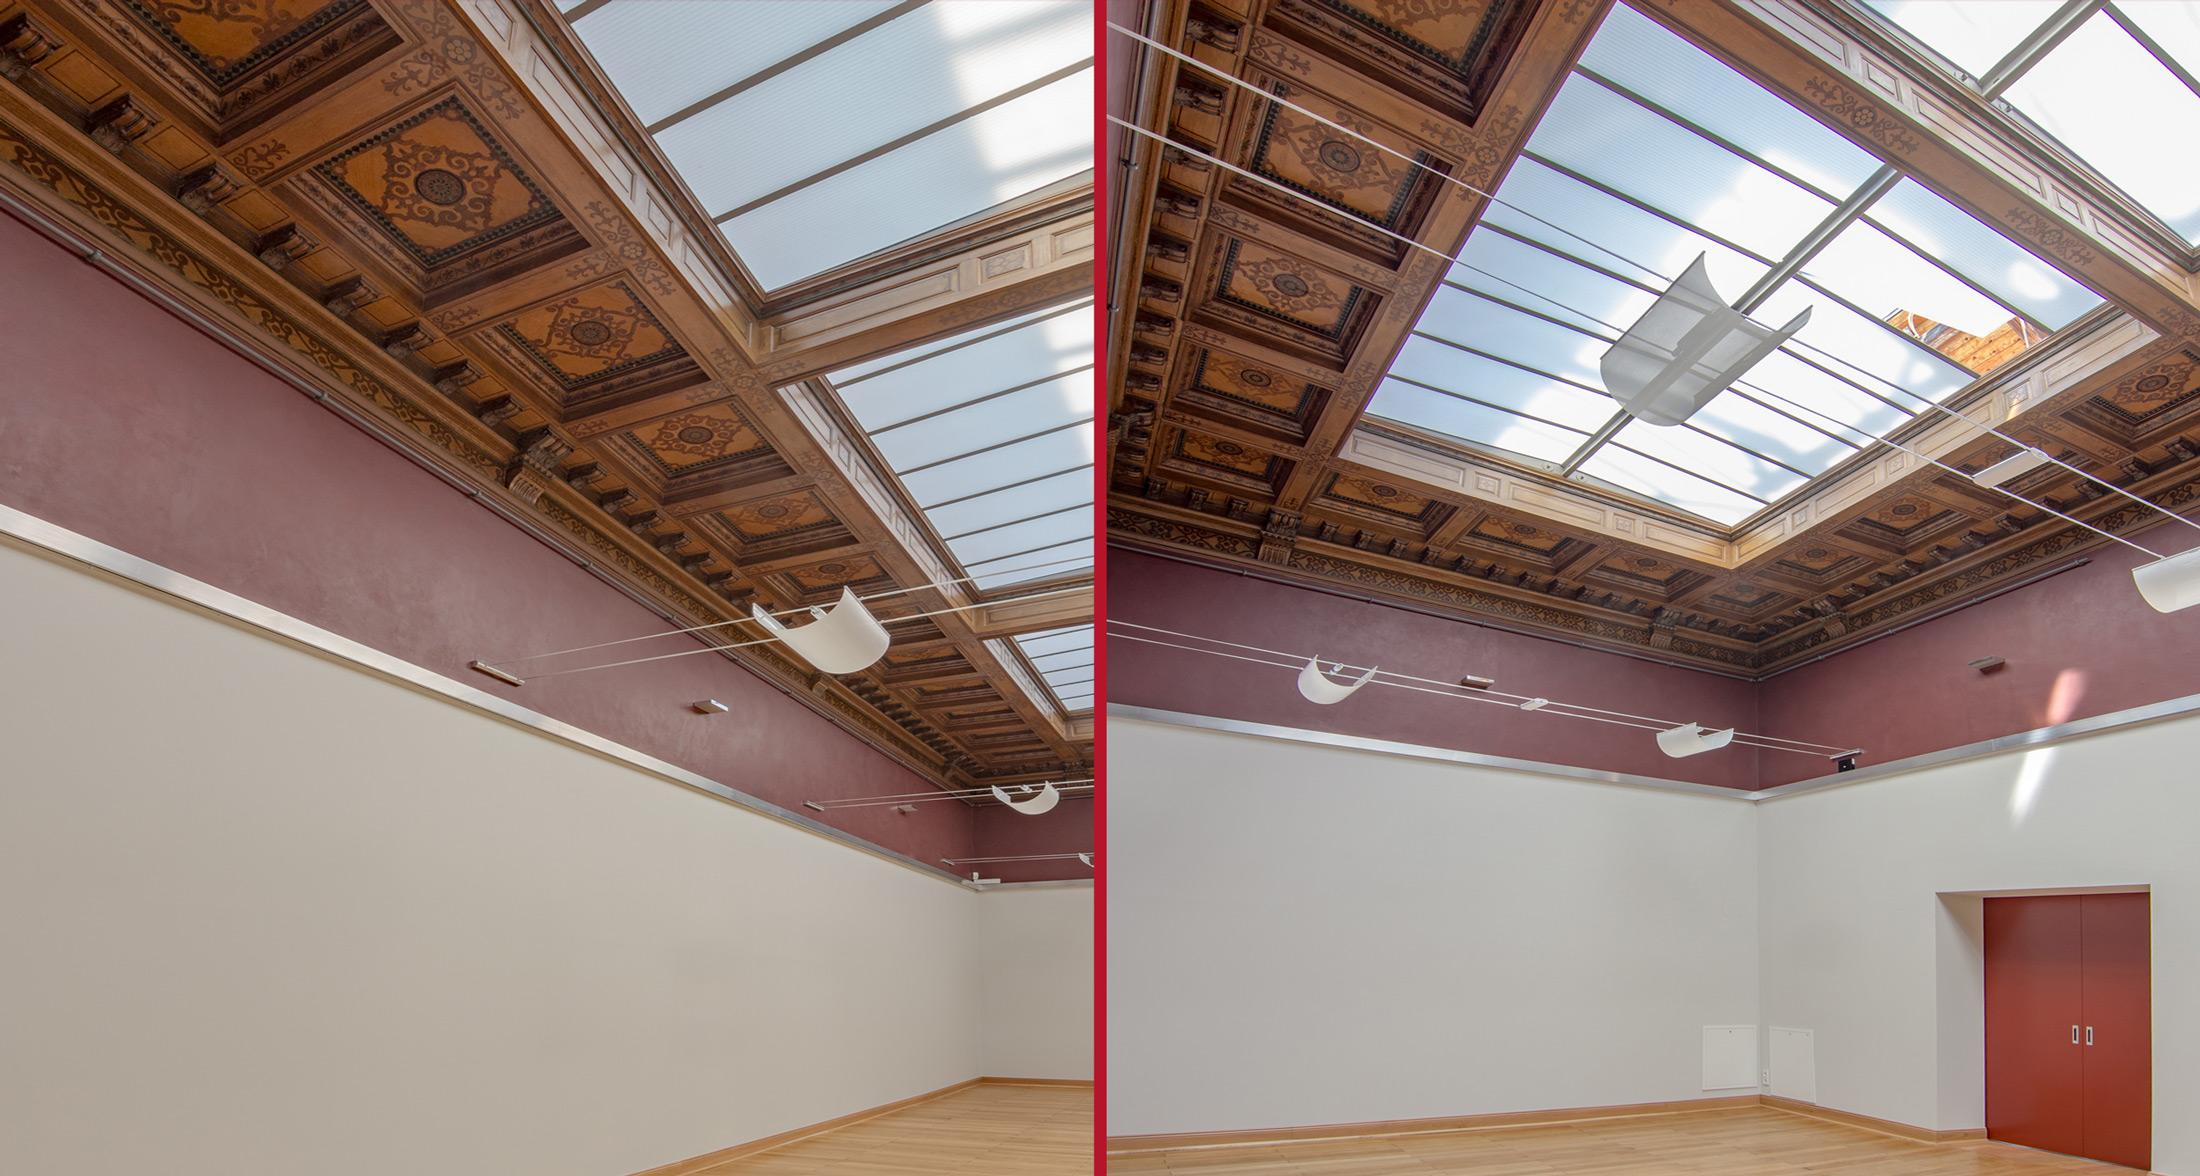 Raumimpressionen im Schlusszustand - Galerie am Domhof Zwickau